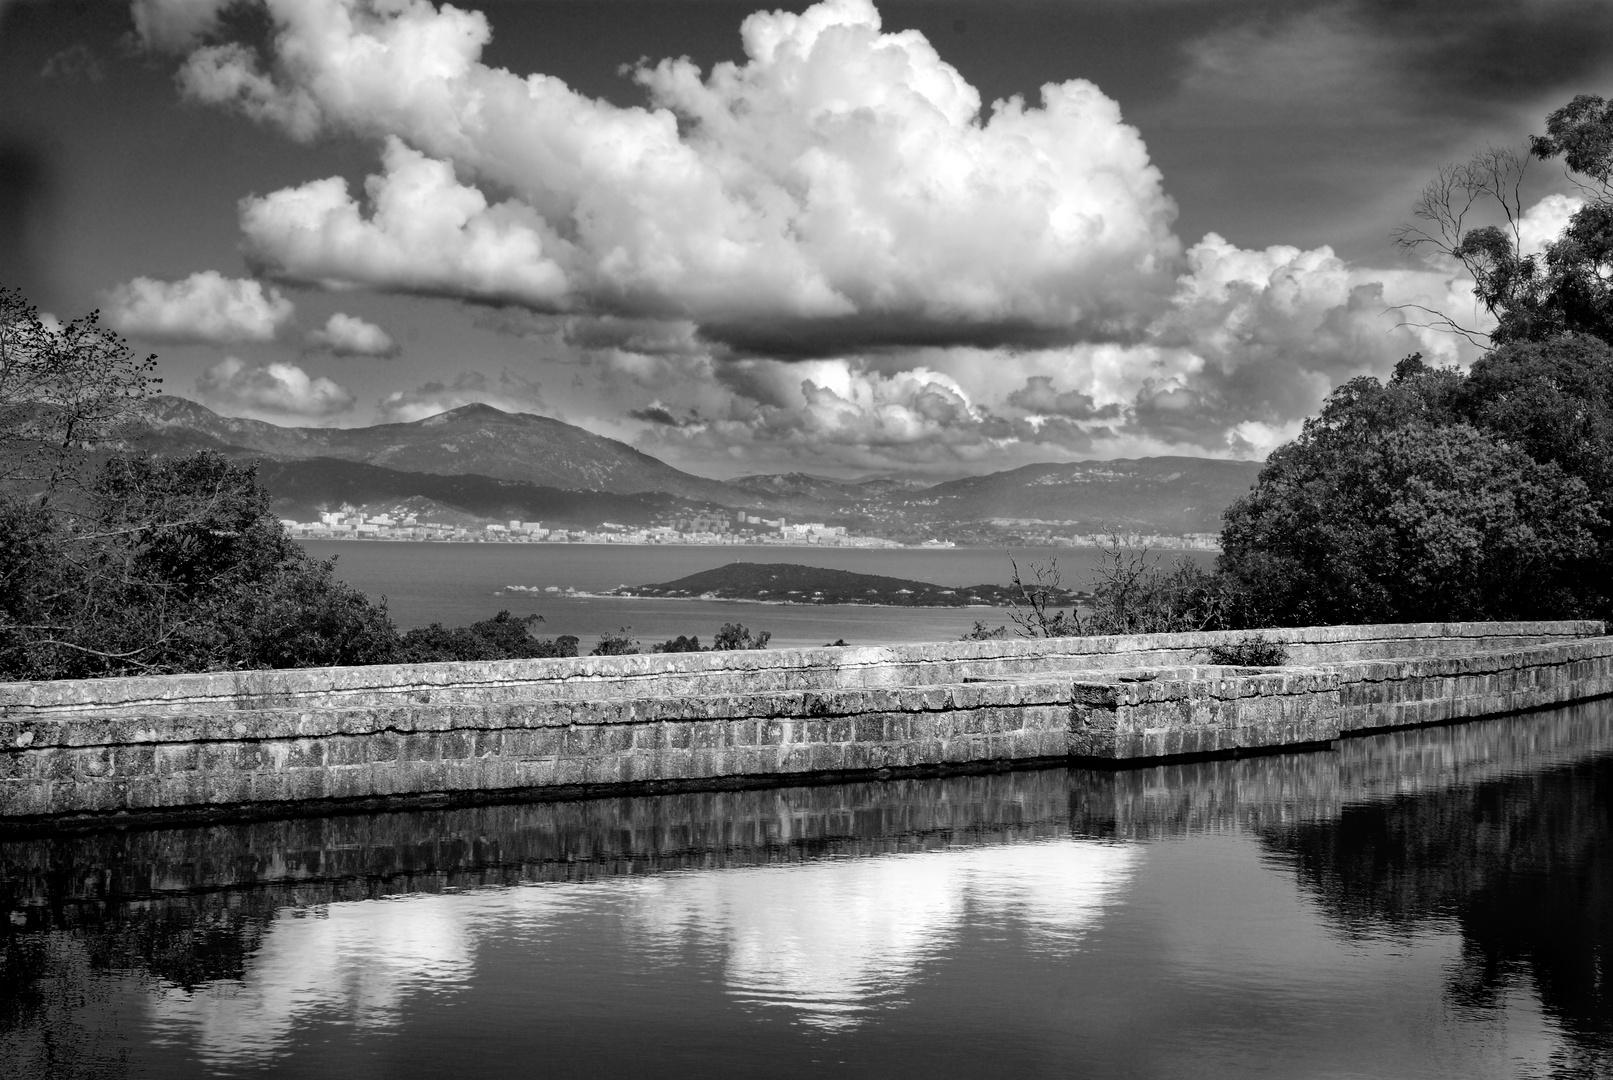 Le barrage des forçats au pénitencier de Coti Chiavari